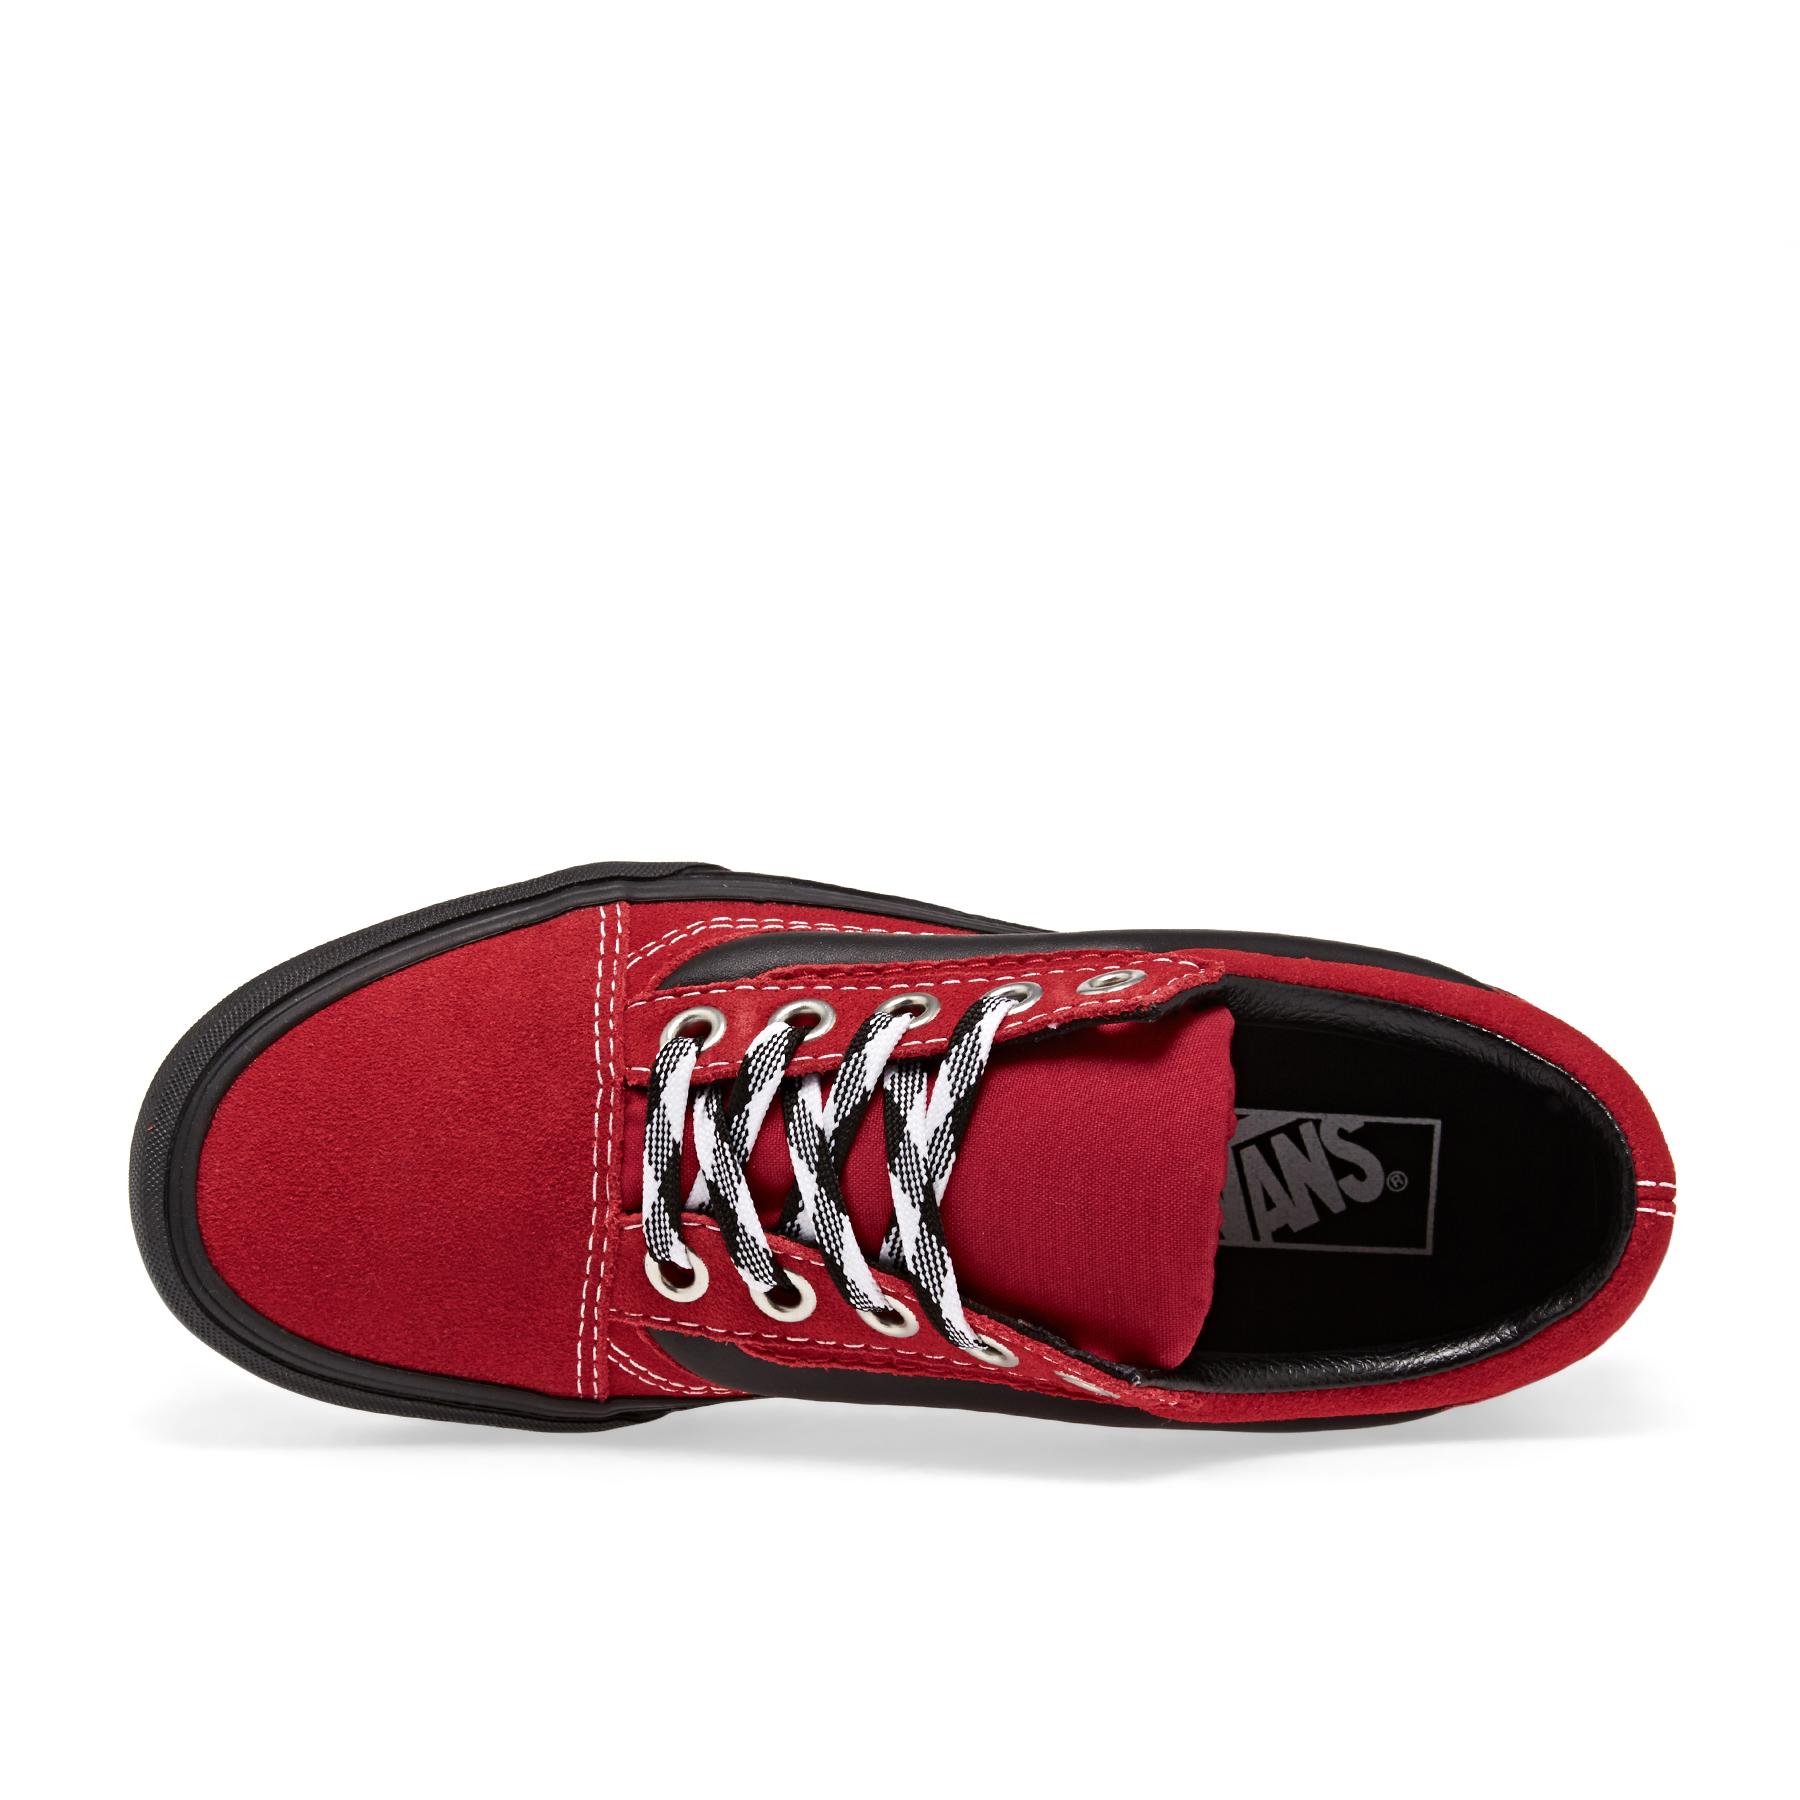 Vans Old Skool Lug Platform Shoes from Magicseaweed